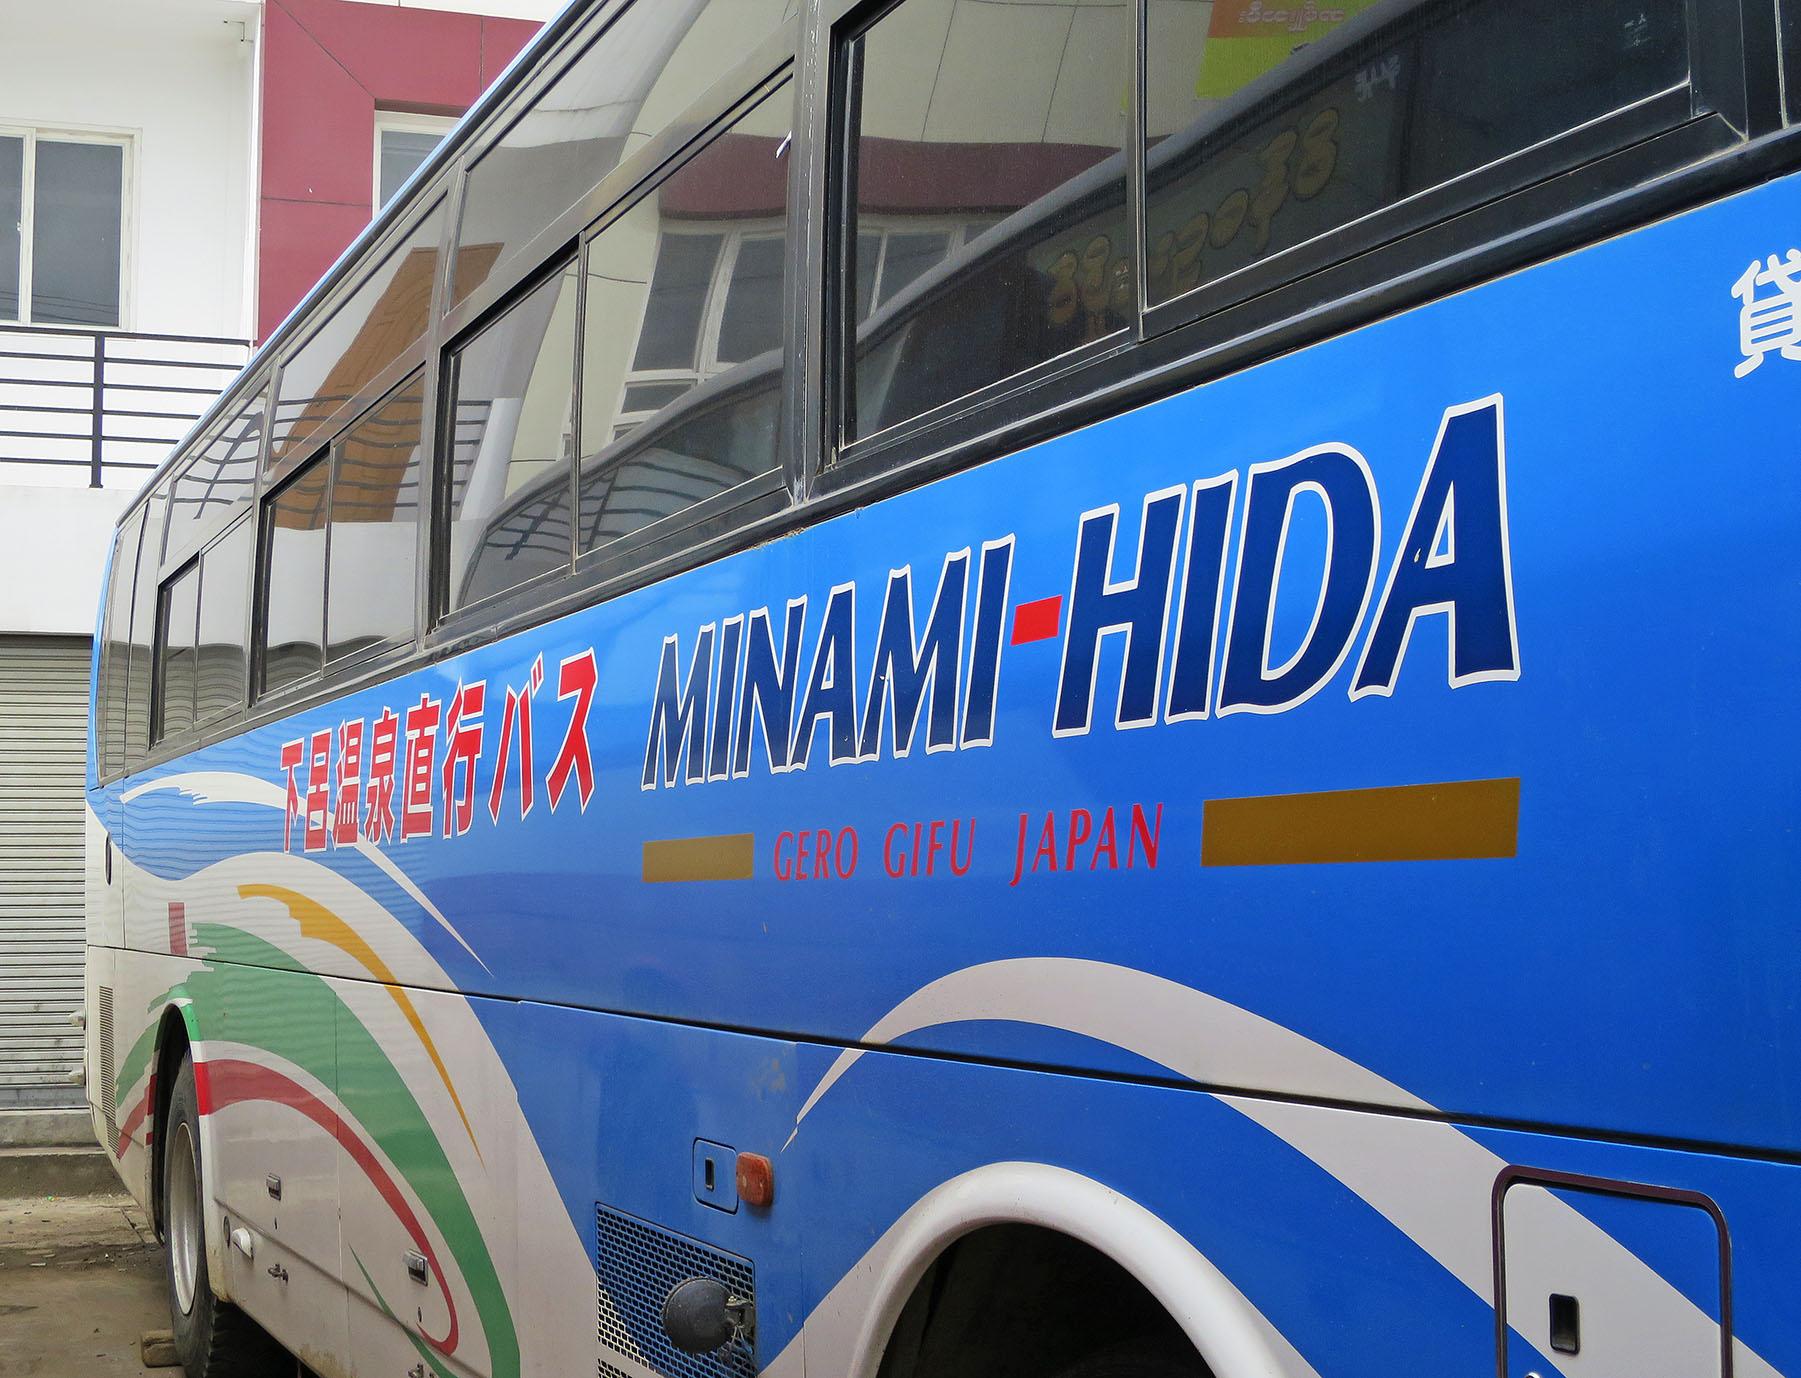 車体の日本語ペイントを残したまま走るミャンマーのバス